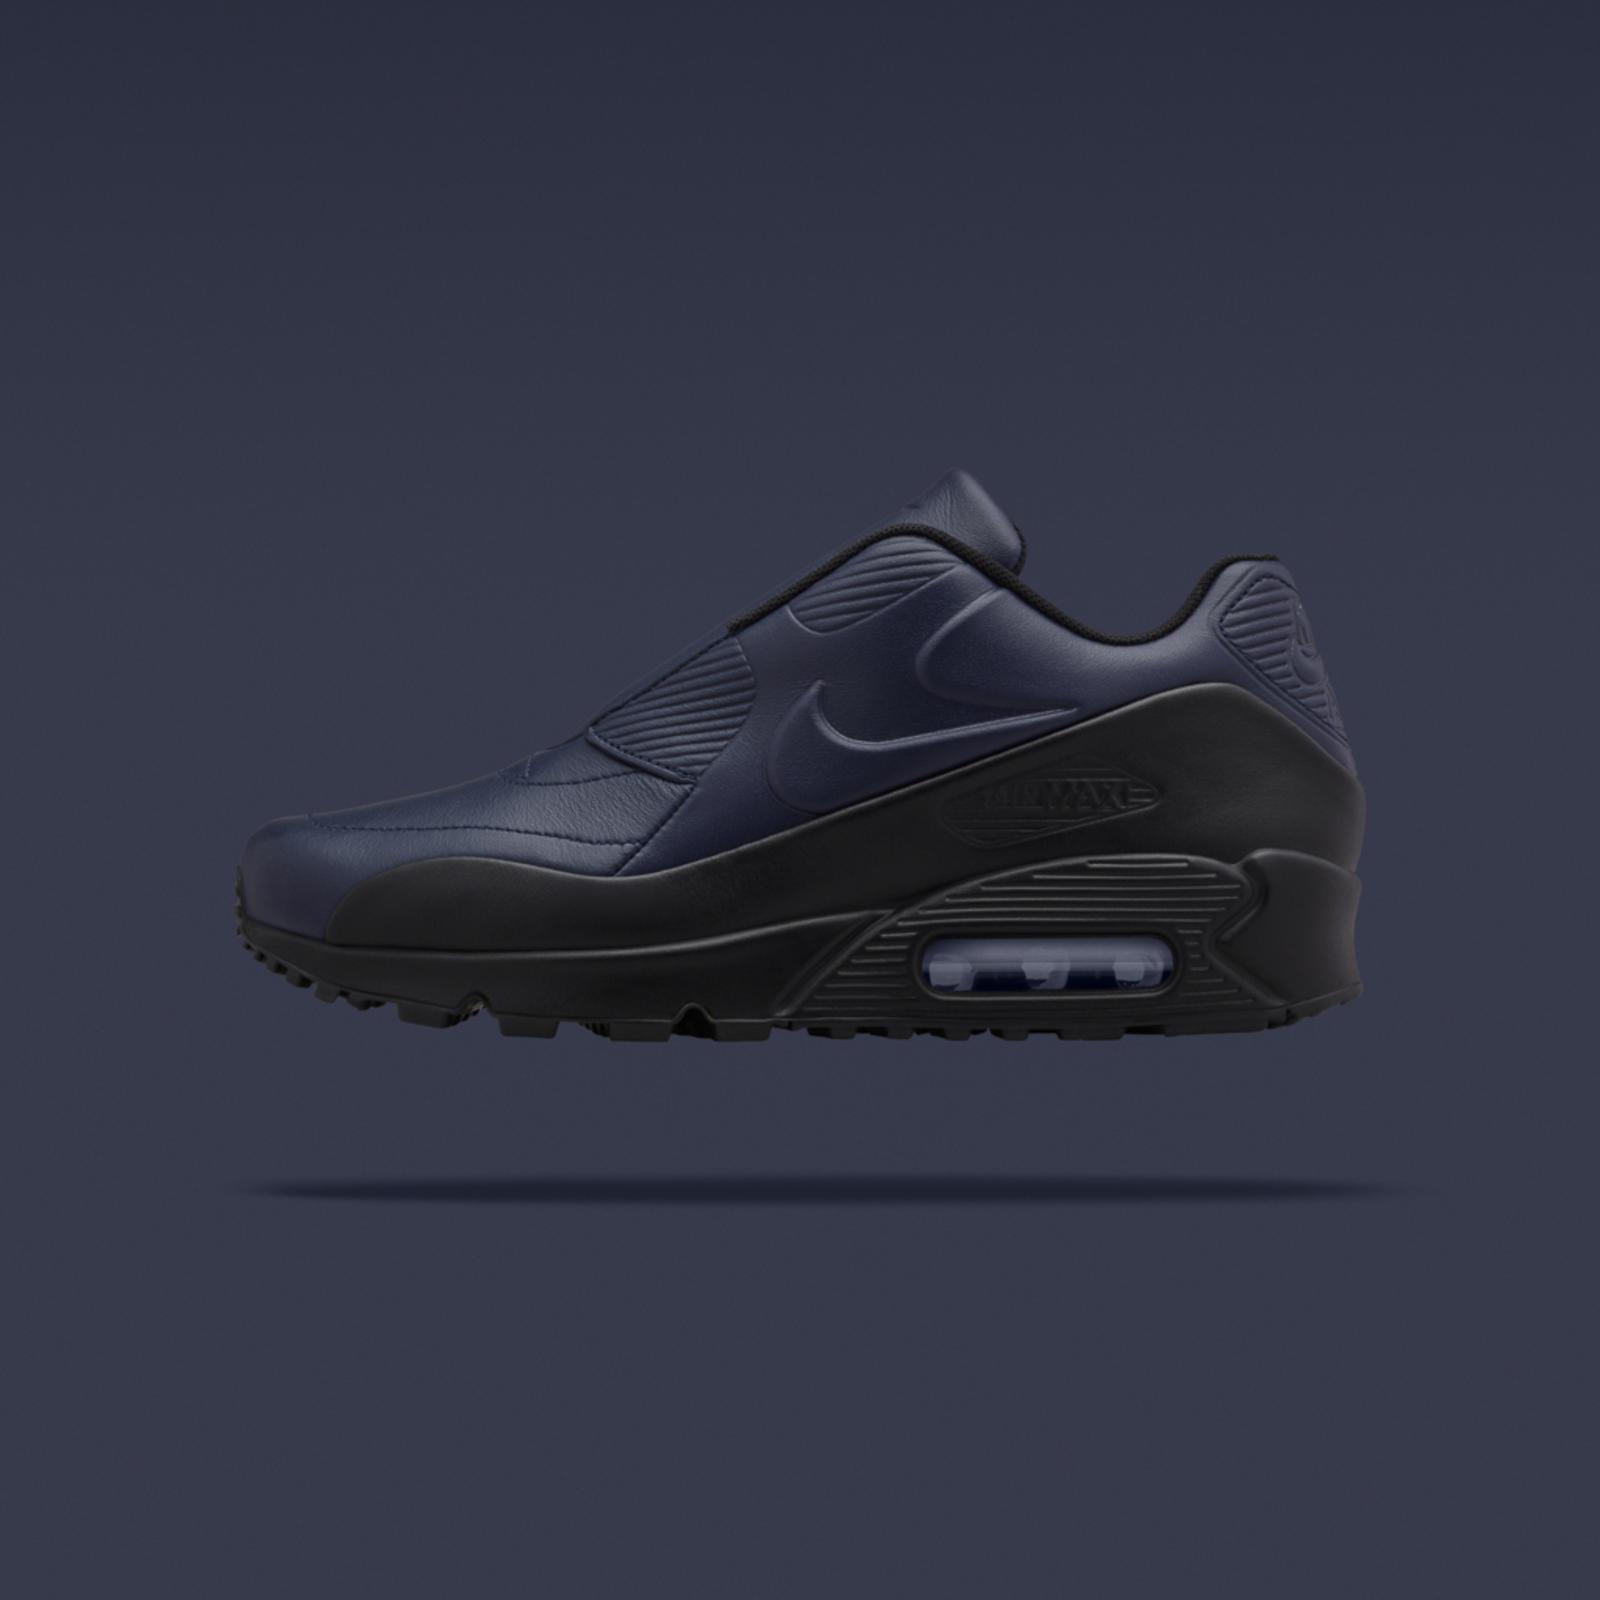 NikeLab x sacai Air Max 90 obsidian/black